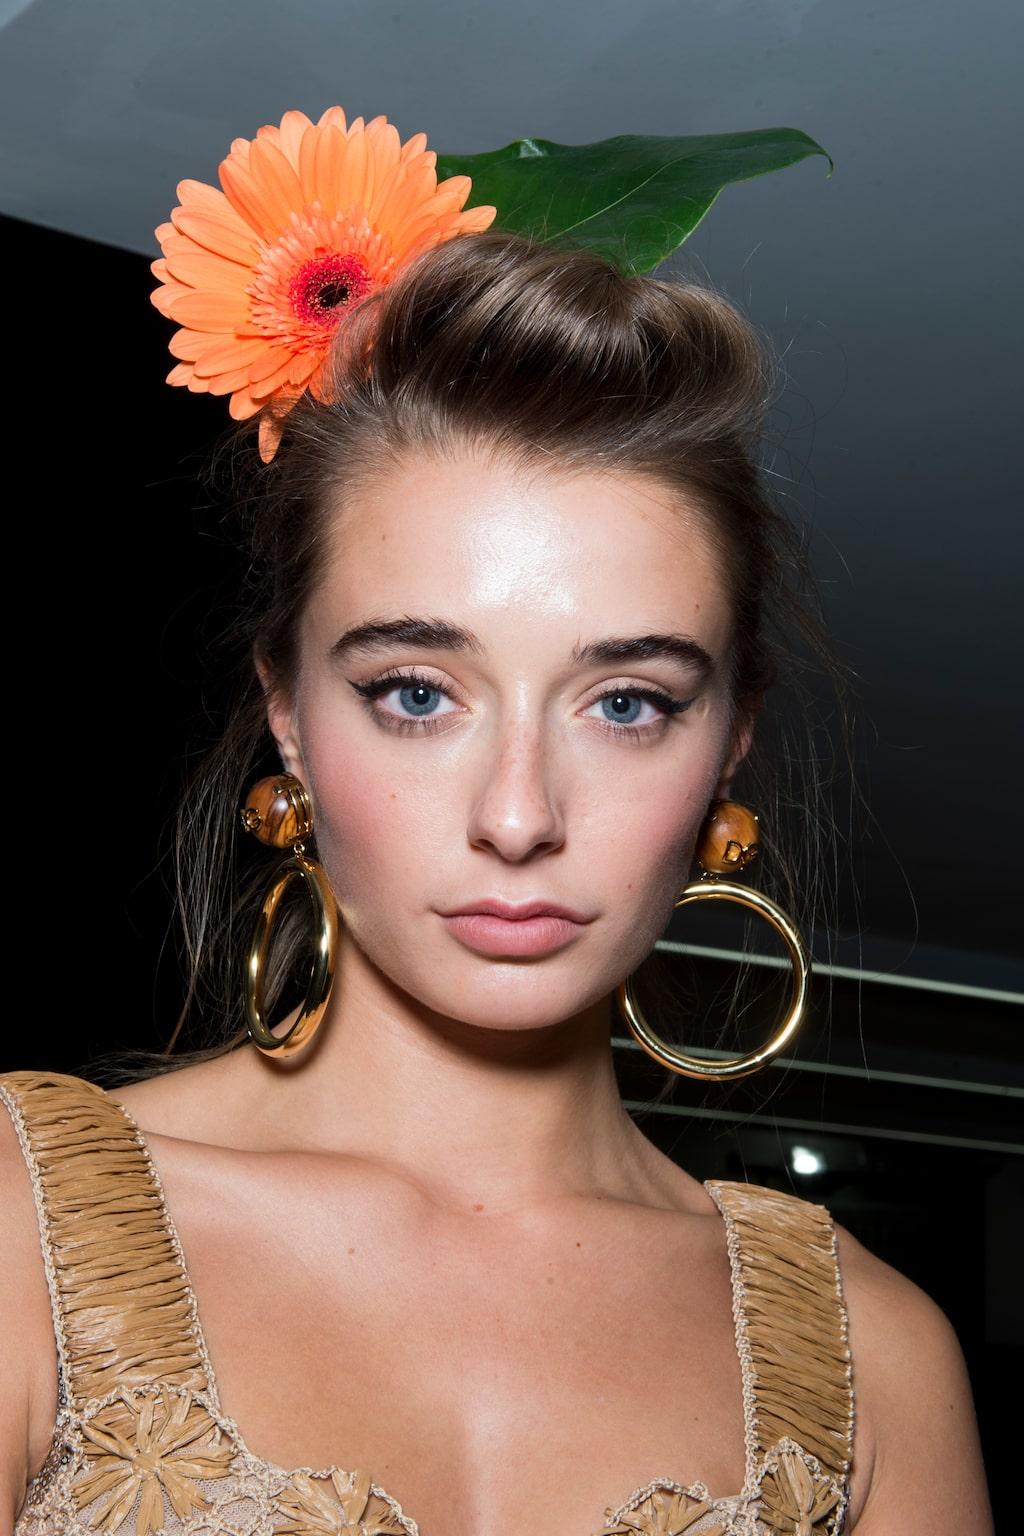 Blommor i håret var hett på Dolce & Gabbanas SS20-visning. Klicka vidare i bildspelet för mer inspiration.